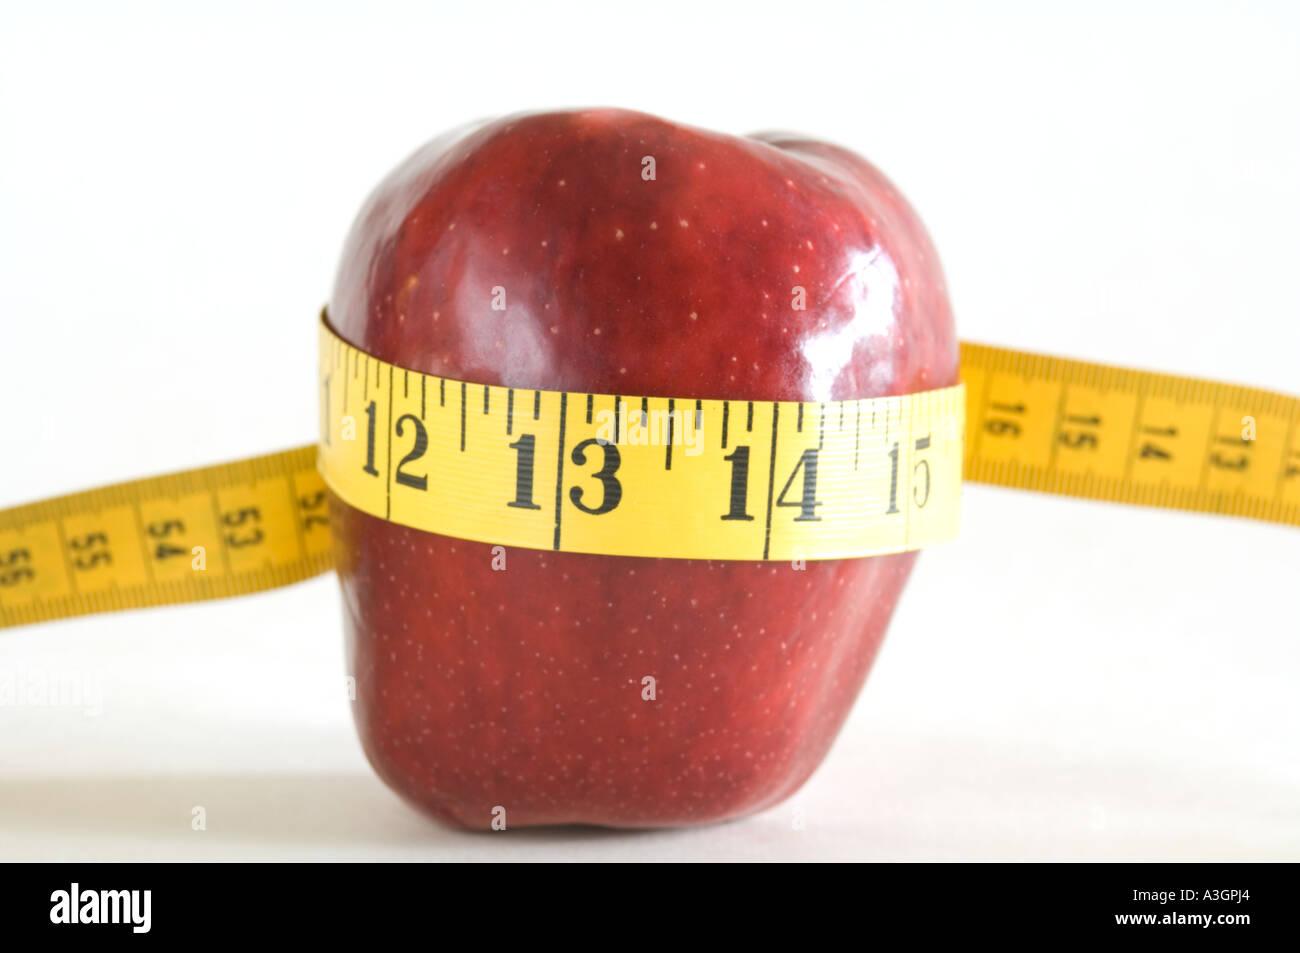 Vue du concept pomme rouge sur ruban à mesurer Photo Stock